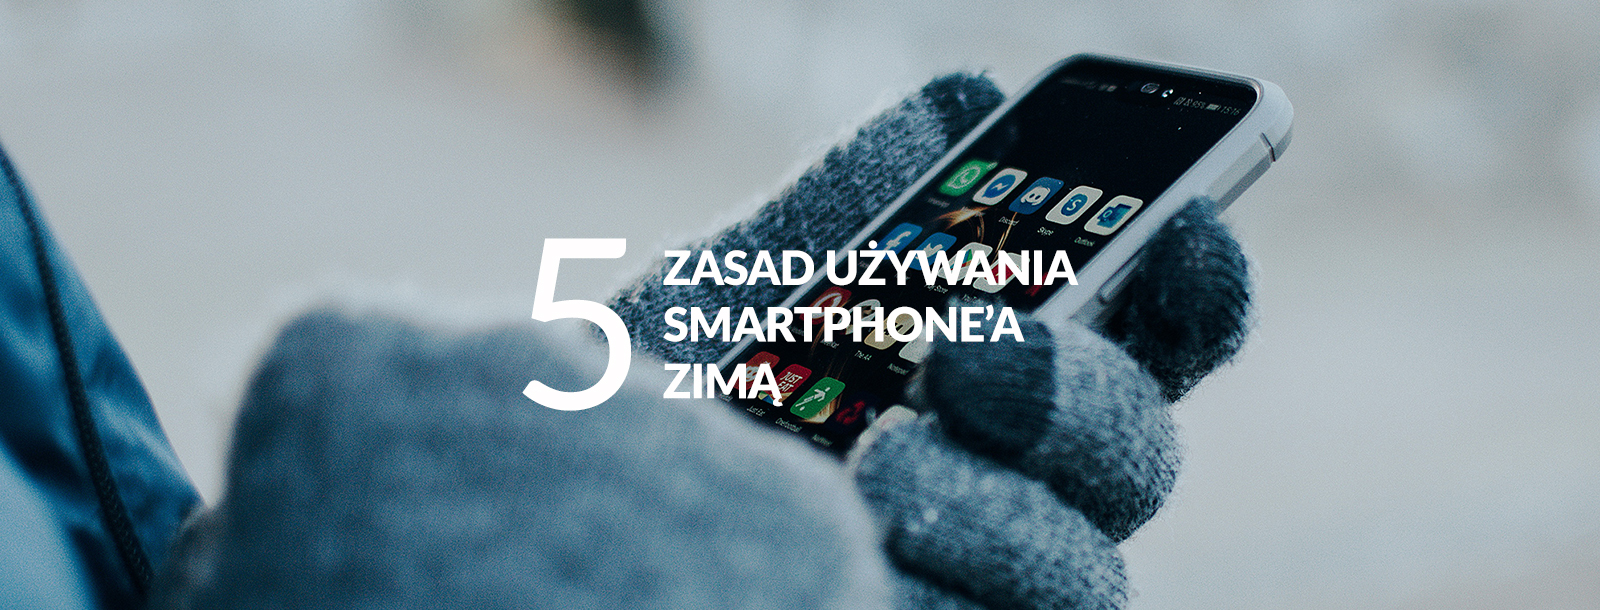 5 zasad używania smartphone'a zimą